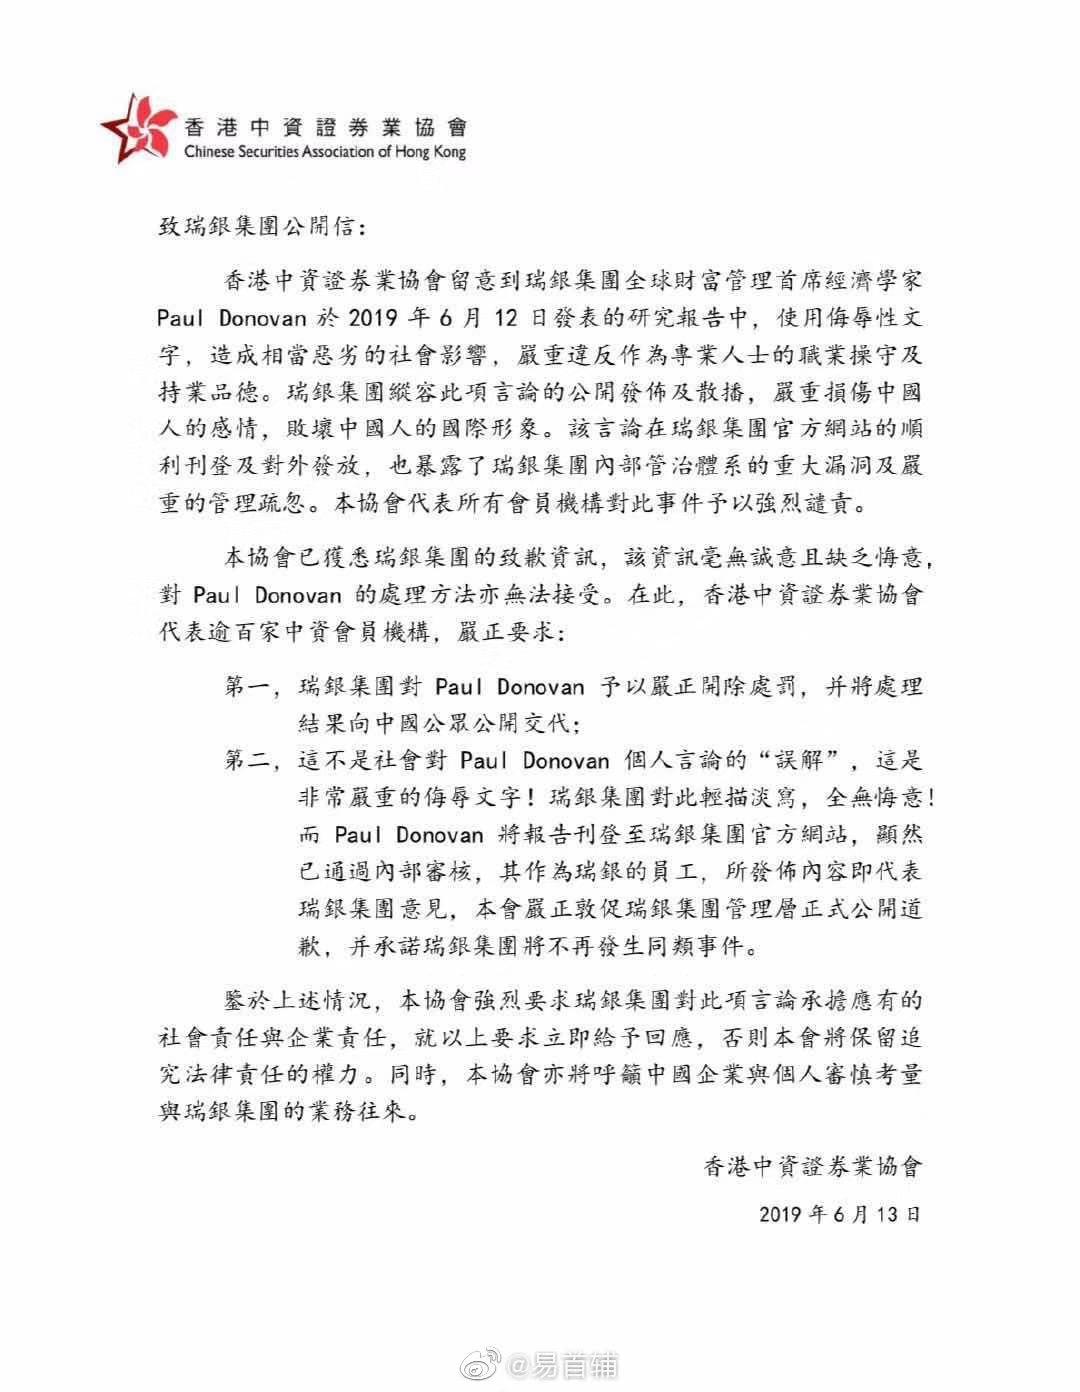 瑞银为猪言论道歉 香港中资证券业协会强烈谴责